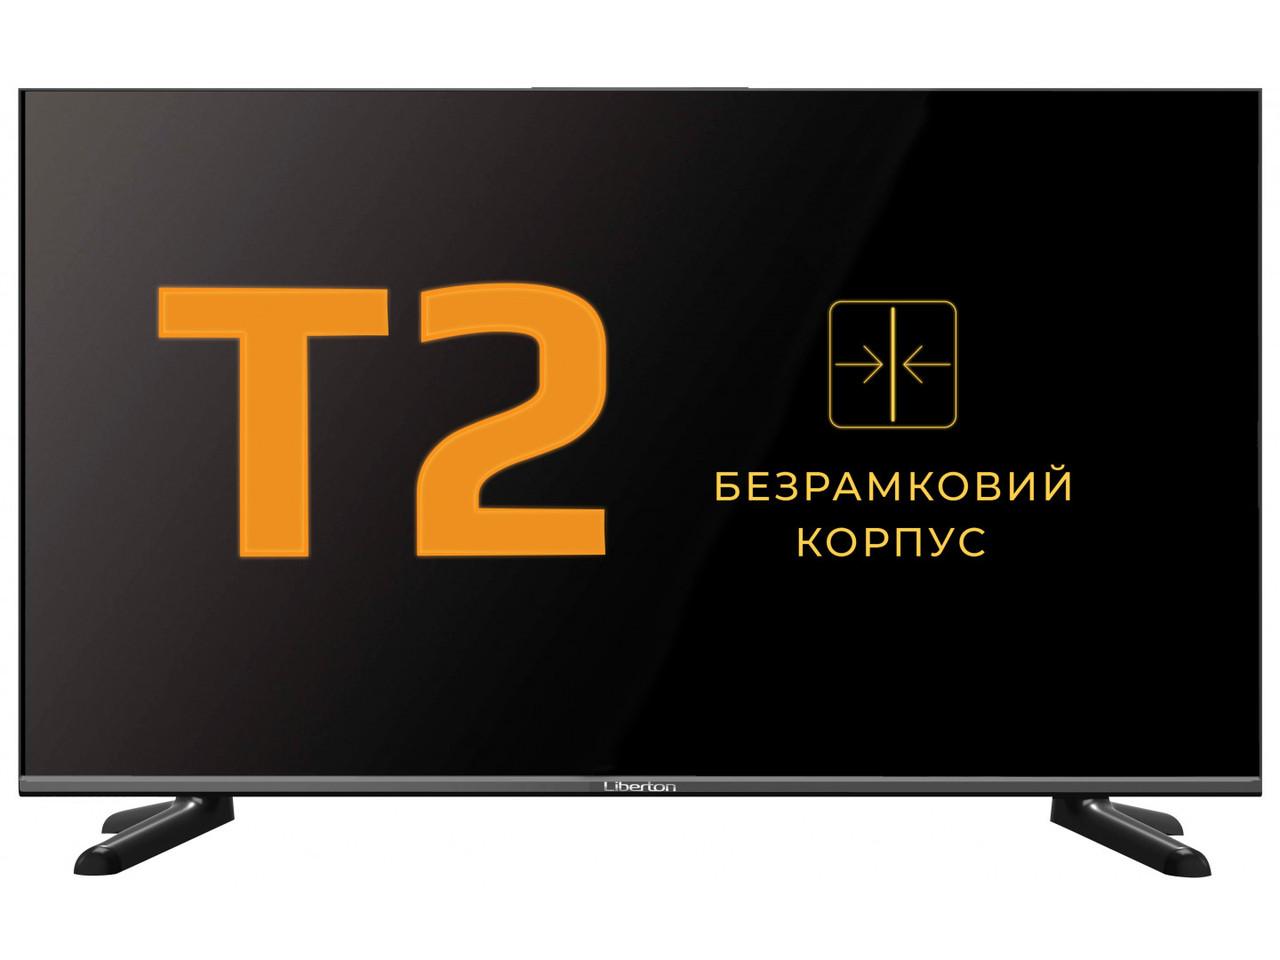 Телевизор Liberton 43AS5FHDT